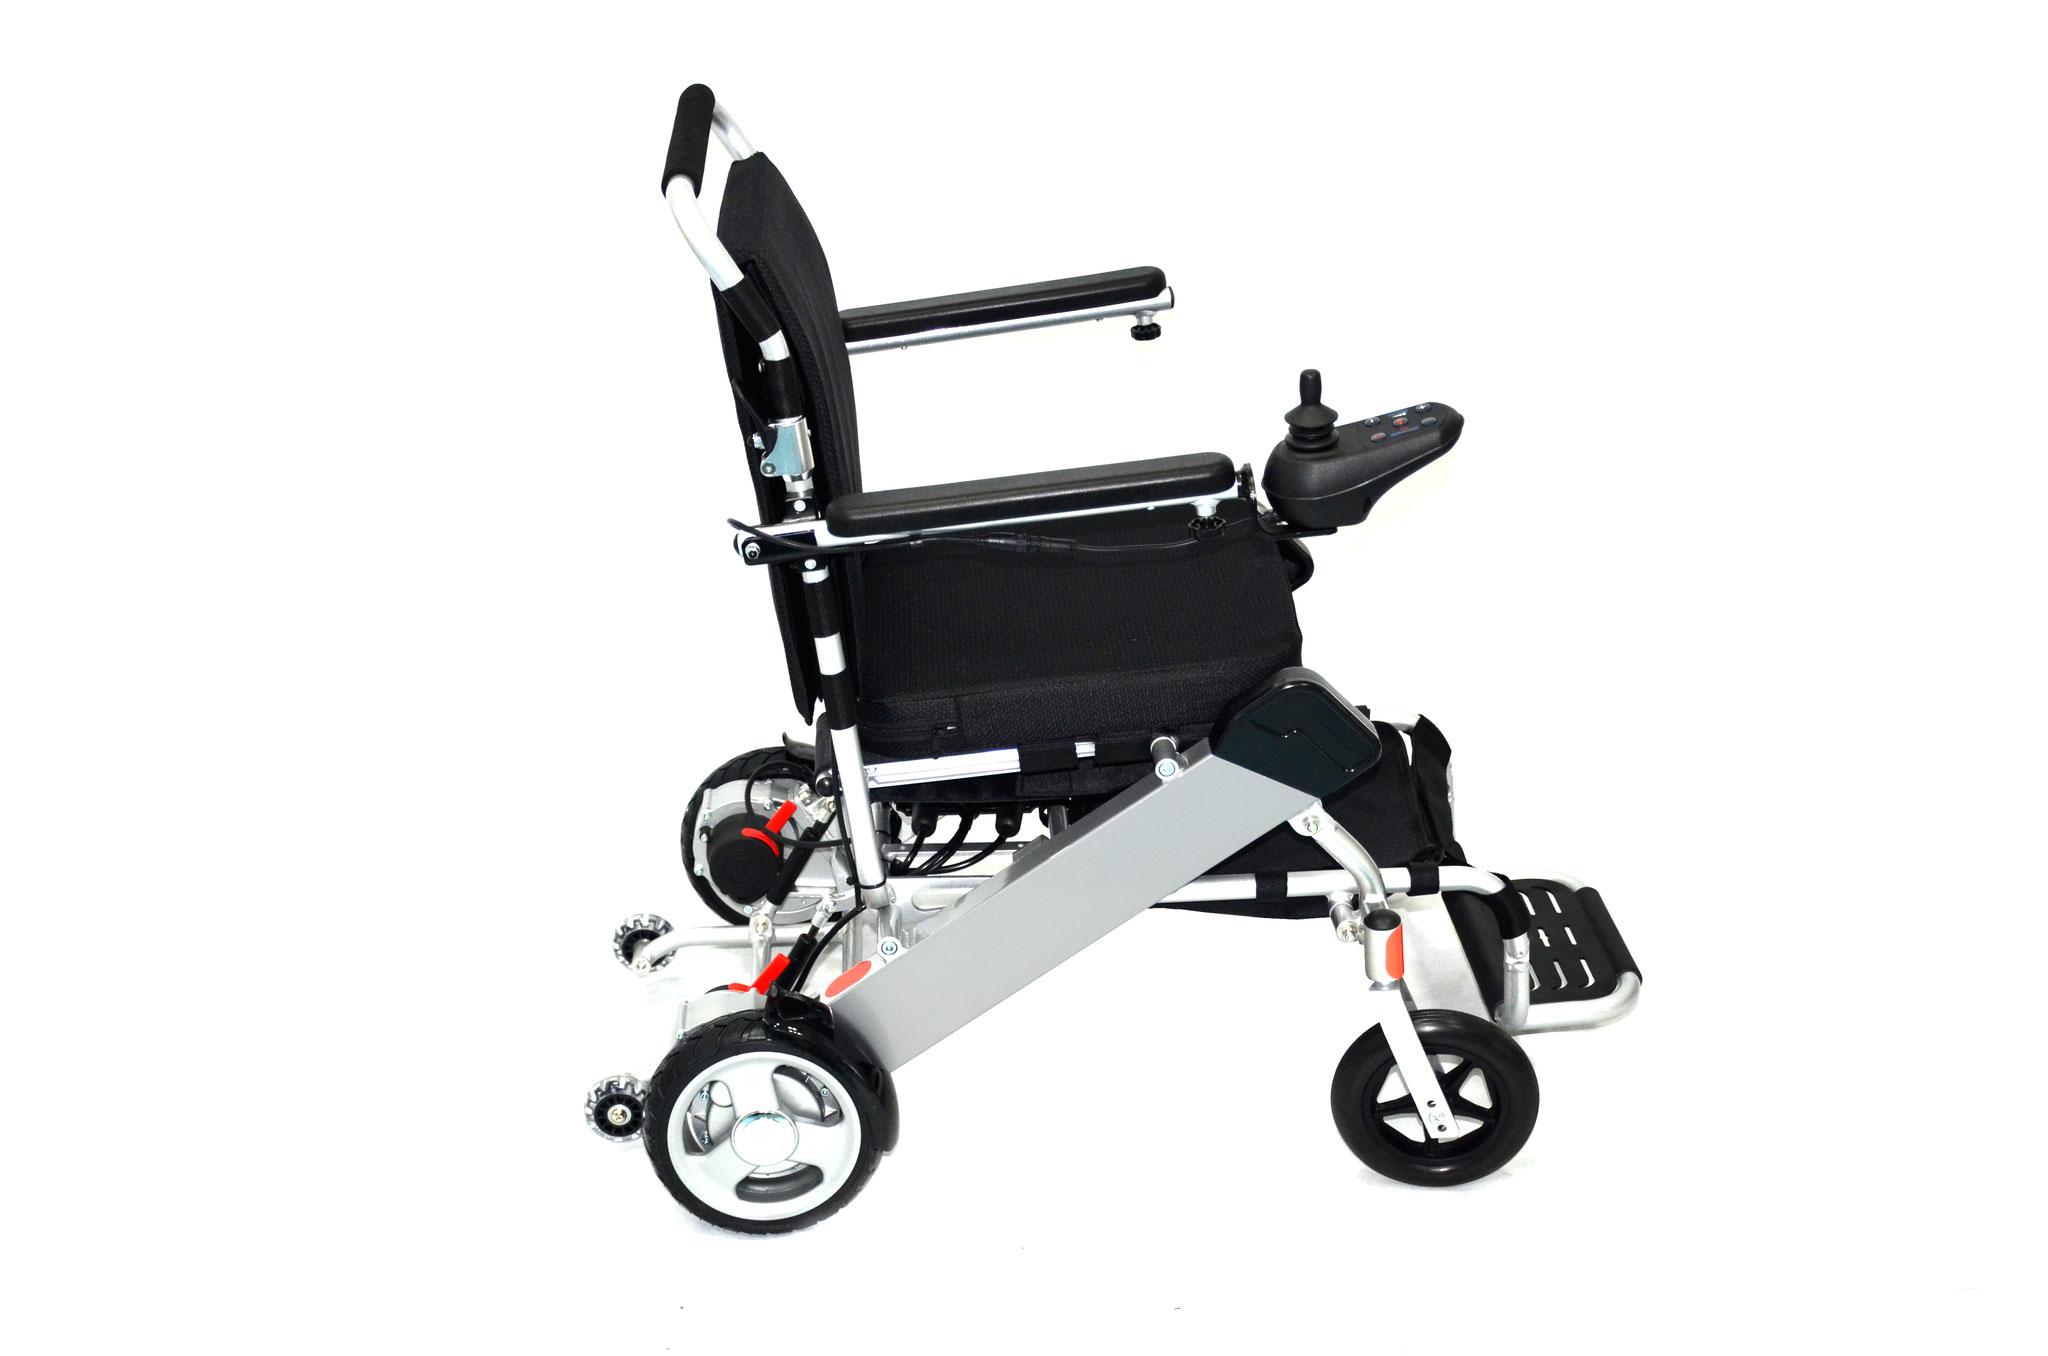 Die Batterie befindet sich im Rahmen des Rollstuhls und kann problemlos herausgeholt werden. Da die Batterie nicht eingebaut ist, kann diese jederzeit auch ohne den Rollstuhl aufgeladen werden. Der entsprechende Adapter wird mitgeliefert.